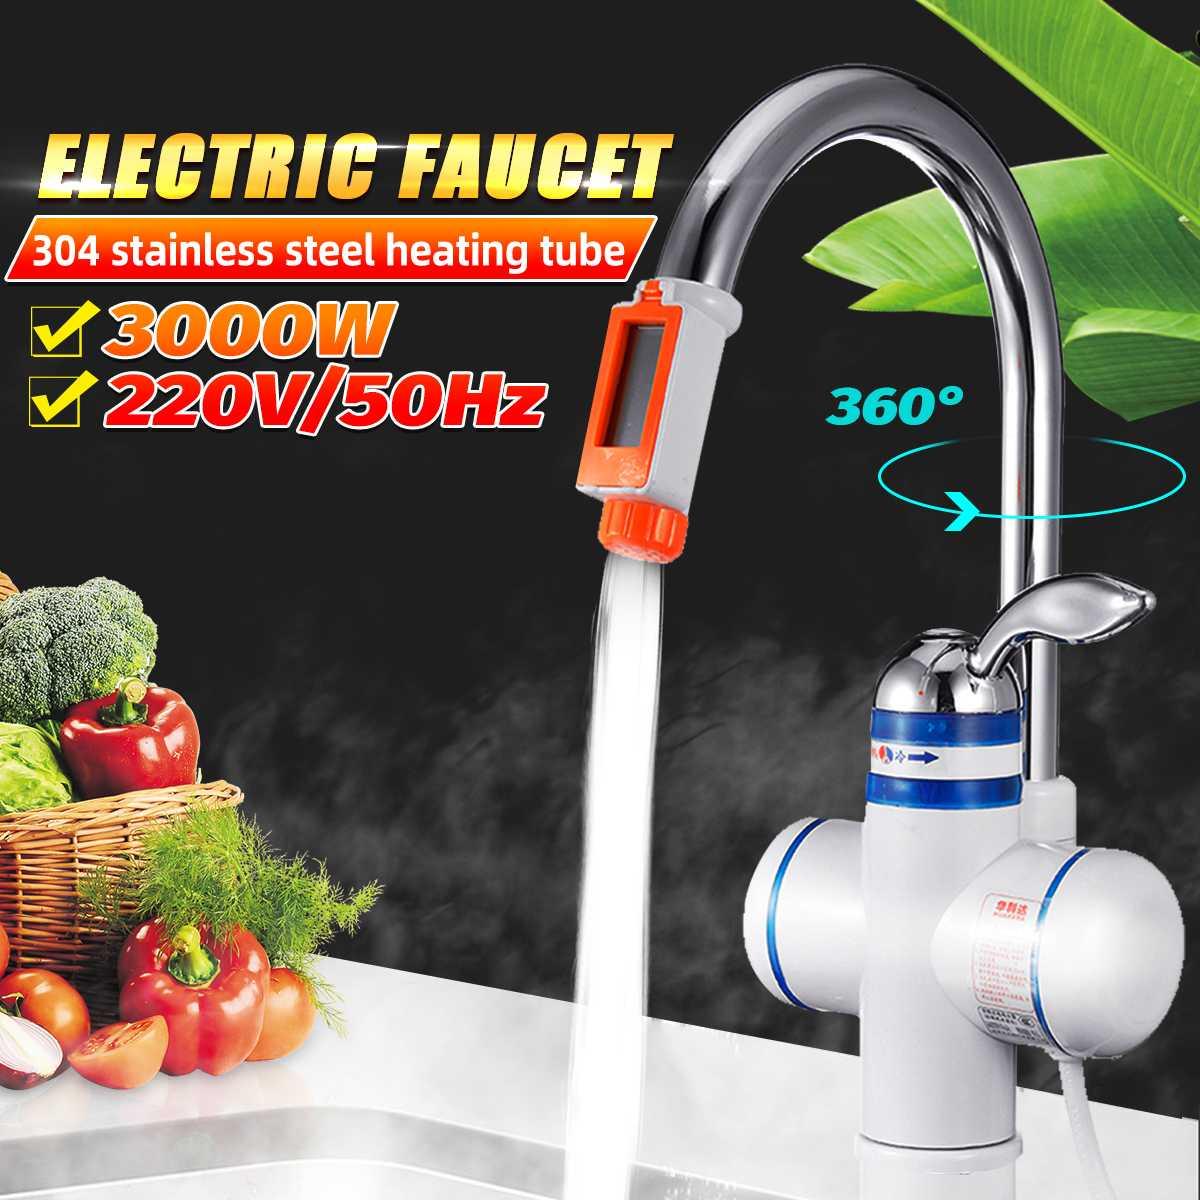 Электрический кран дисплей температуры водонагреватель кухонный мгновенный нагрев кран электрические водонагреватели